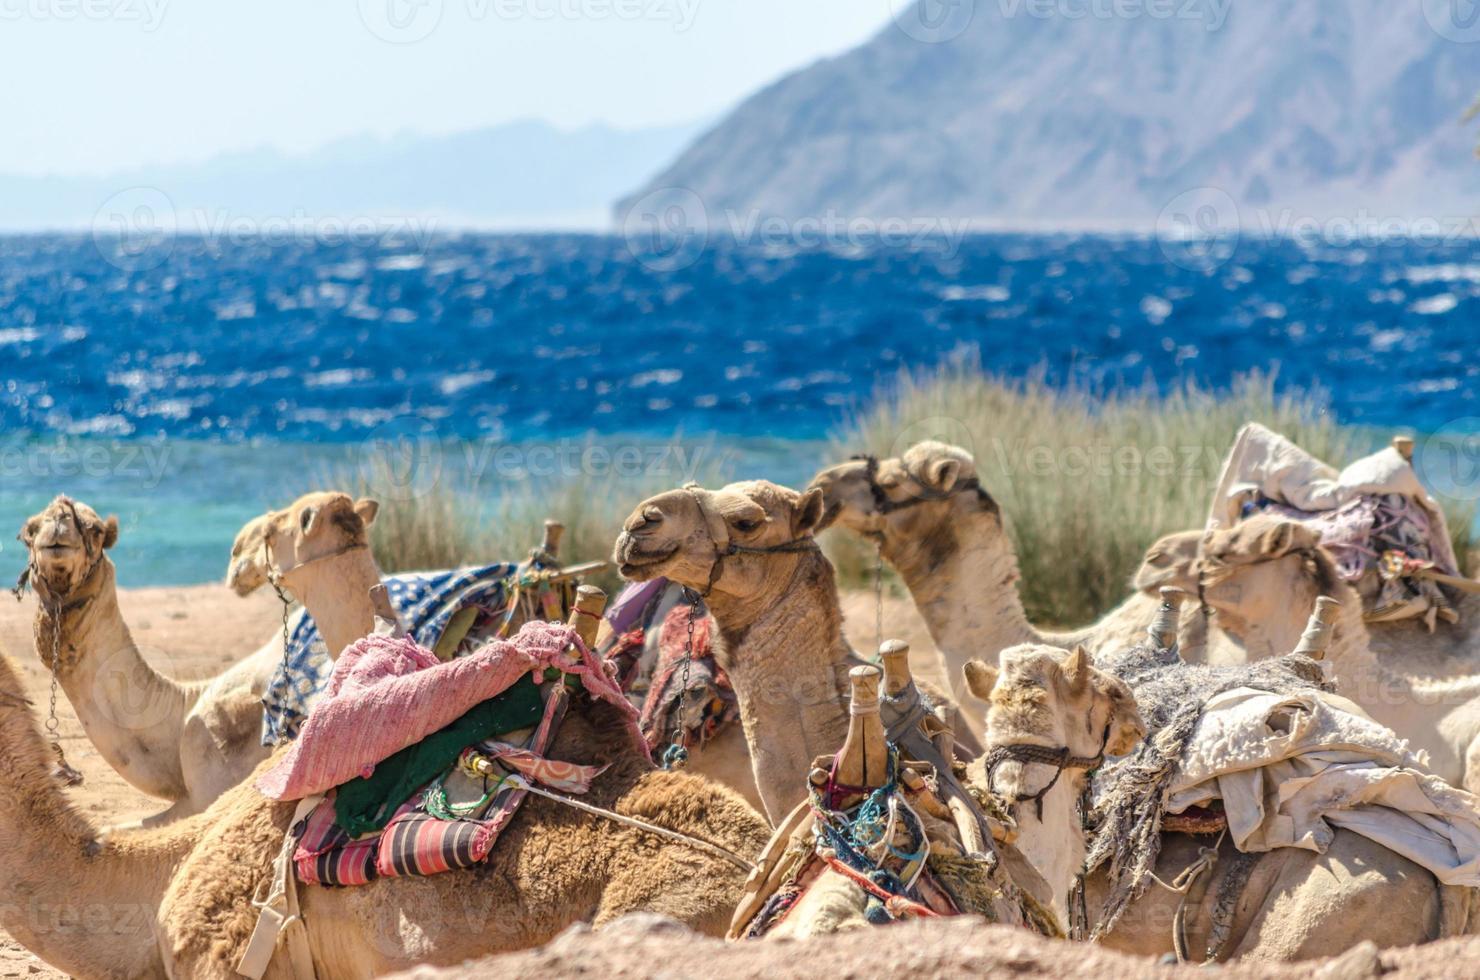 camelos deitados na areia foto